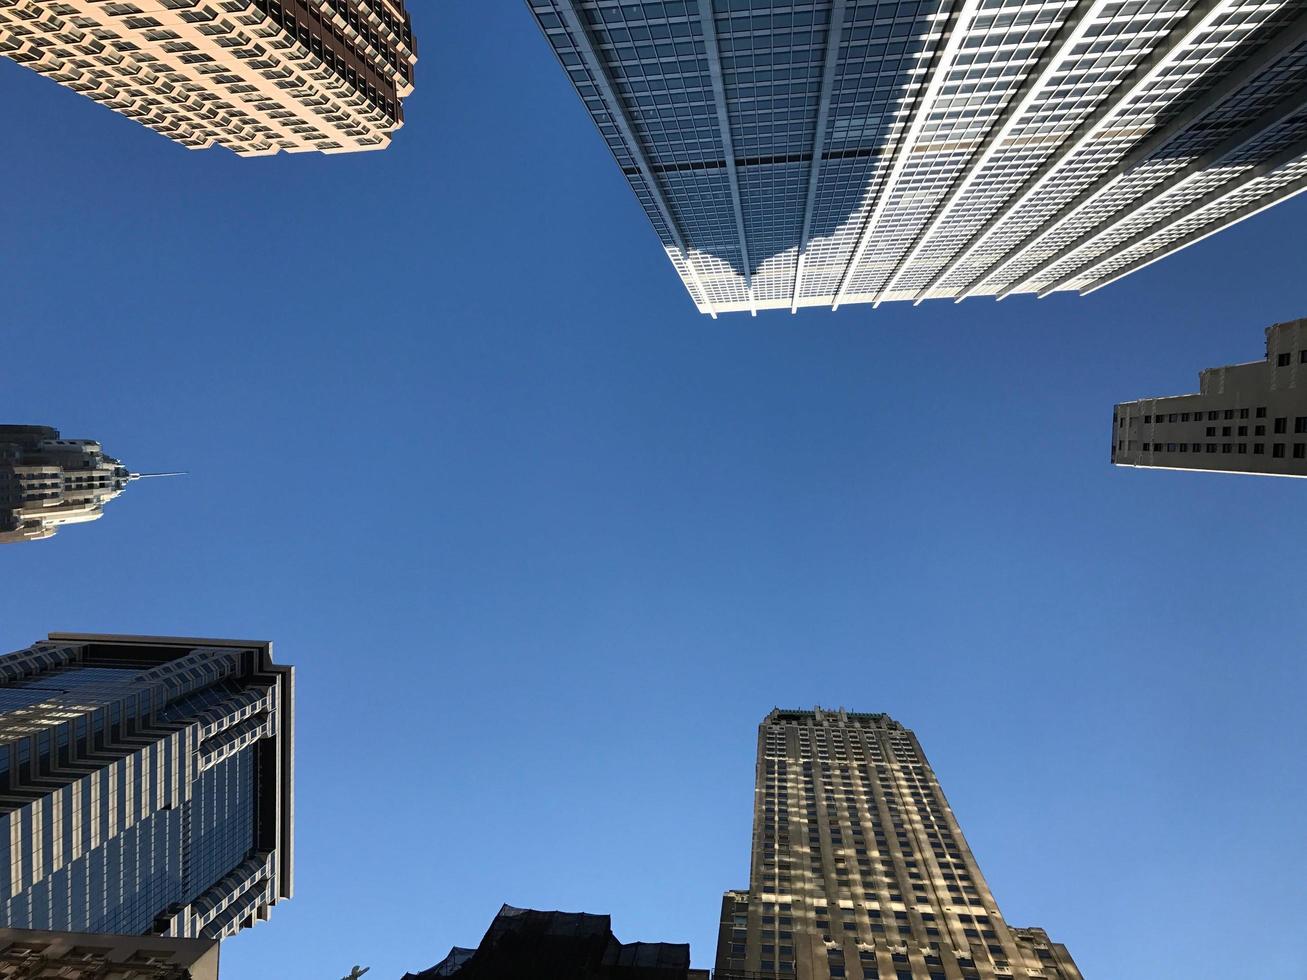 edificios de gran altura durante el día foto